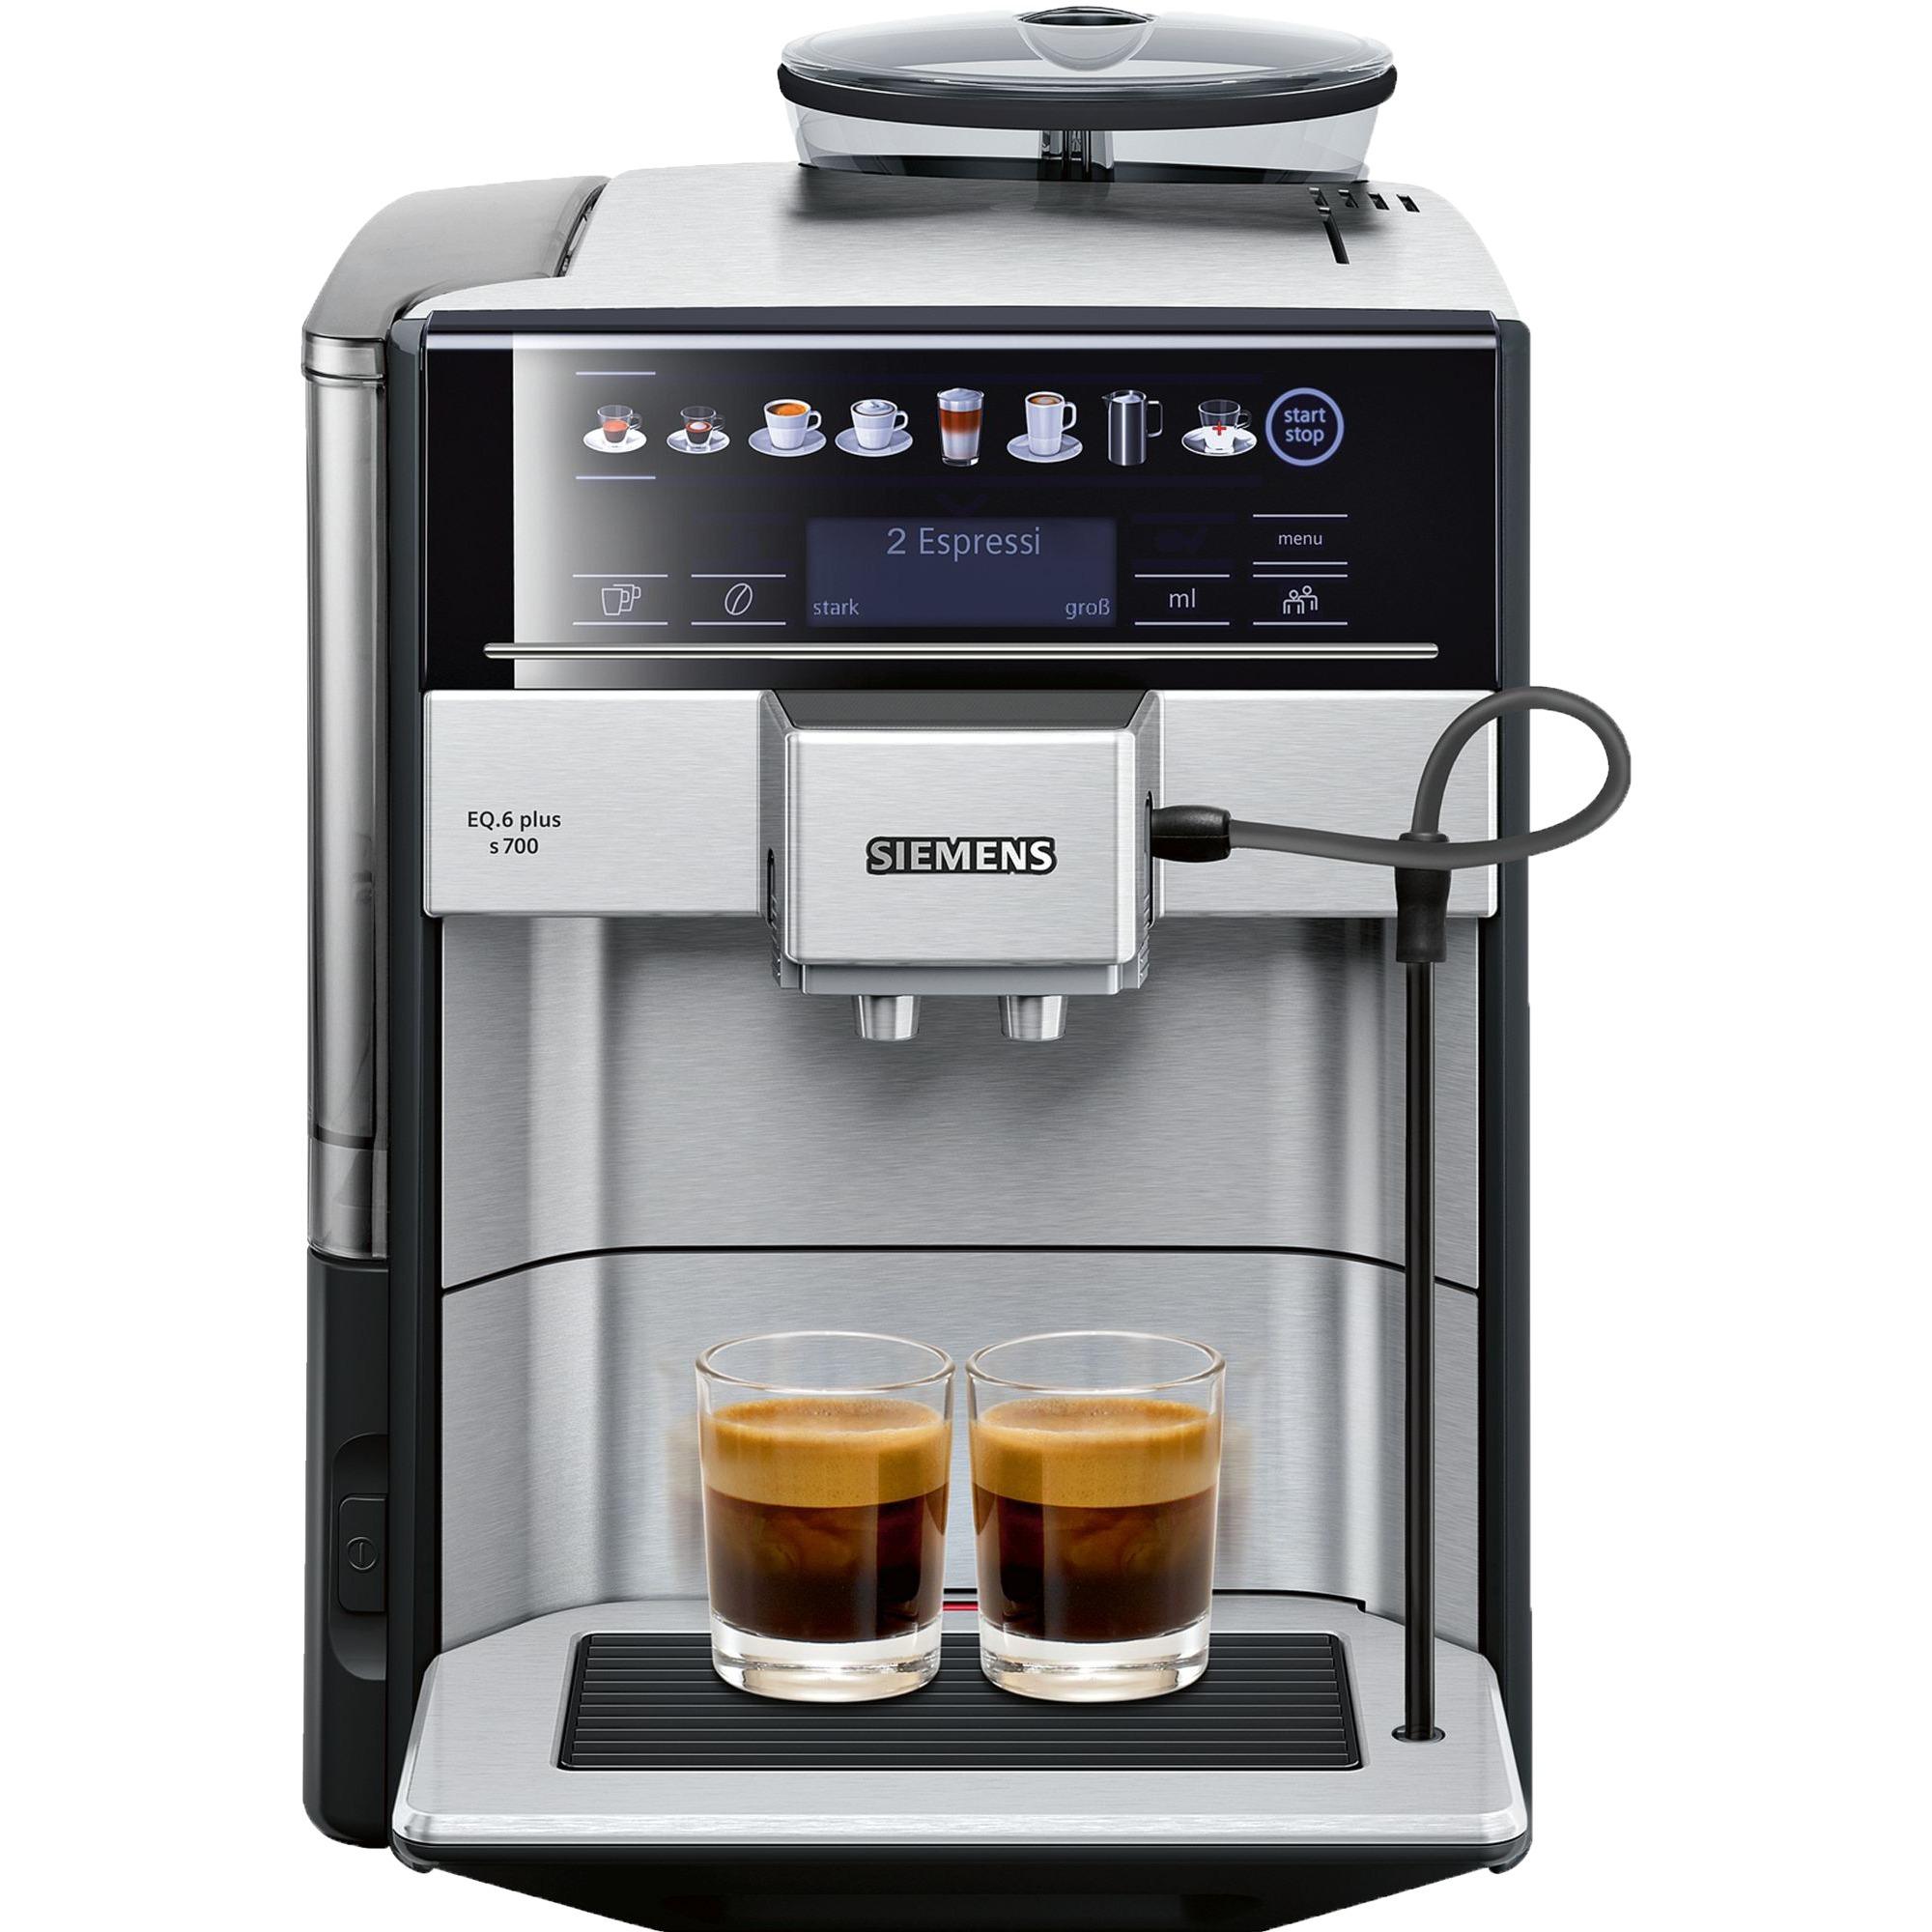 EQ.6 plus s700 Independiente Máquina espresso Negro, Gris 1,7 L 2 tazas Totalmente automática, Superautomática